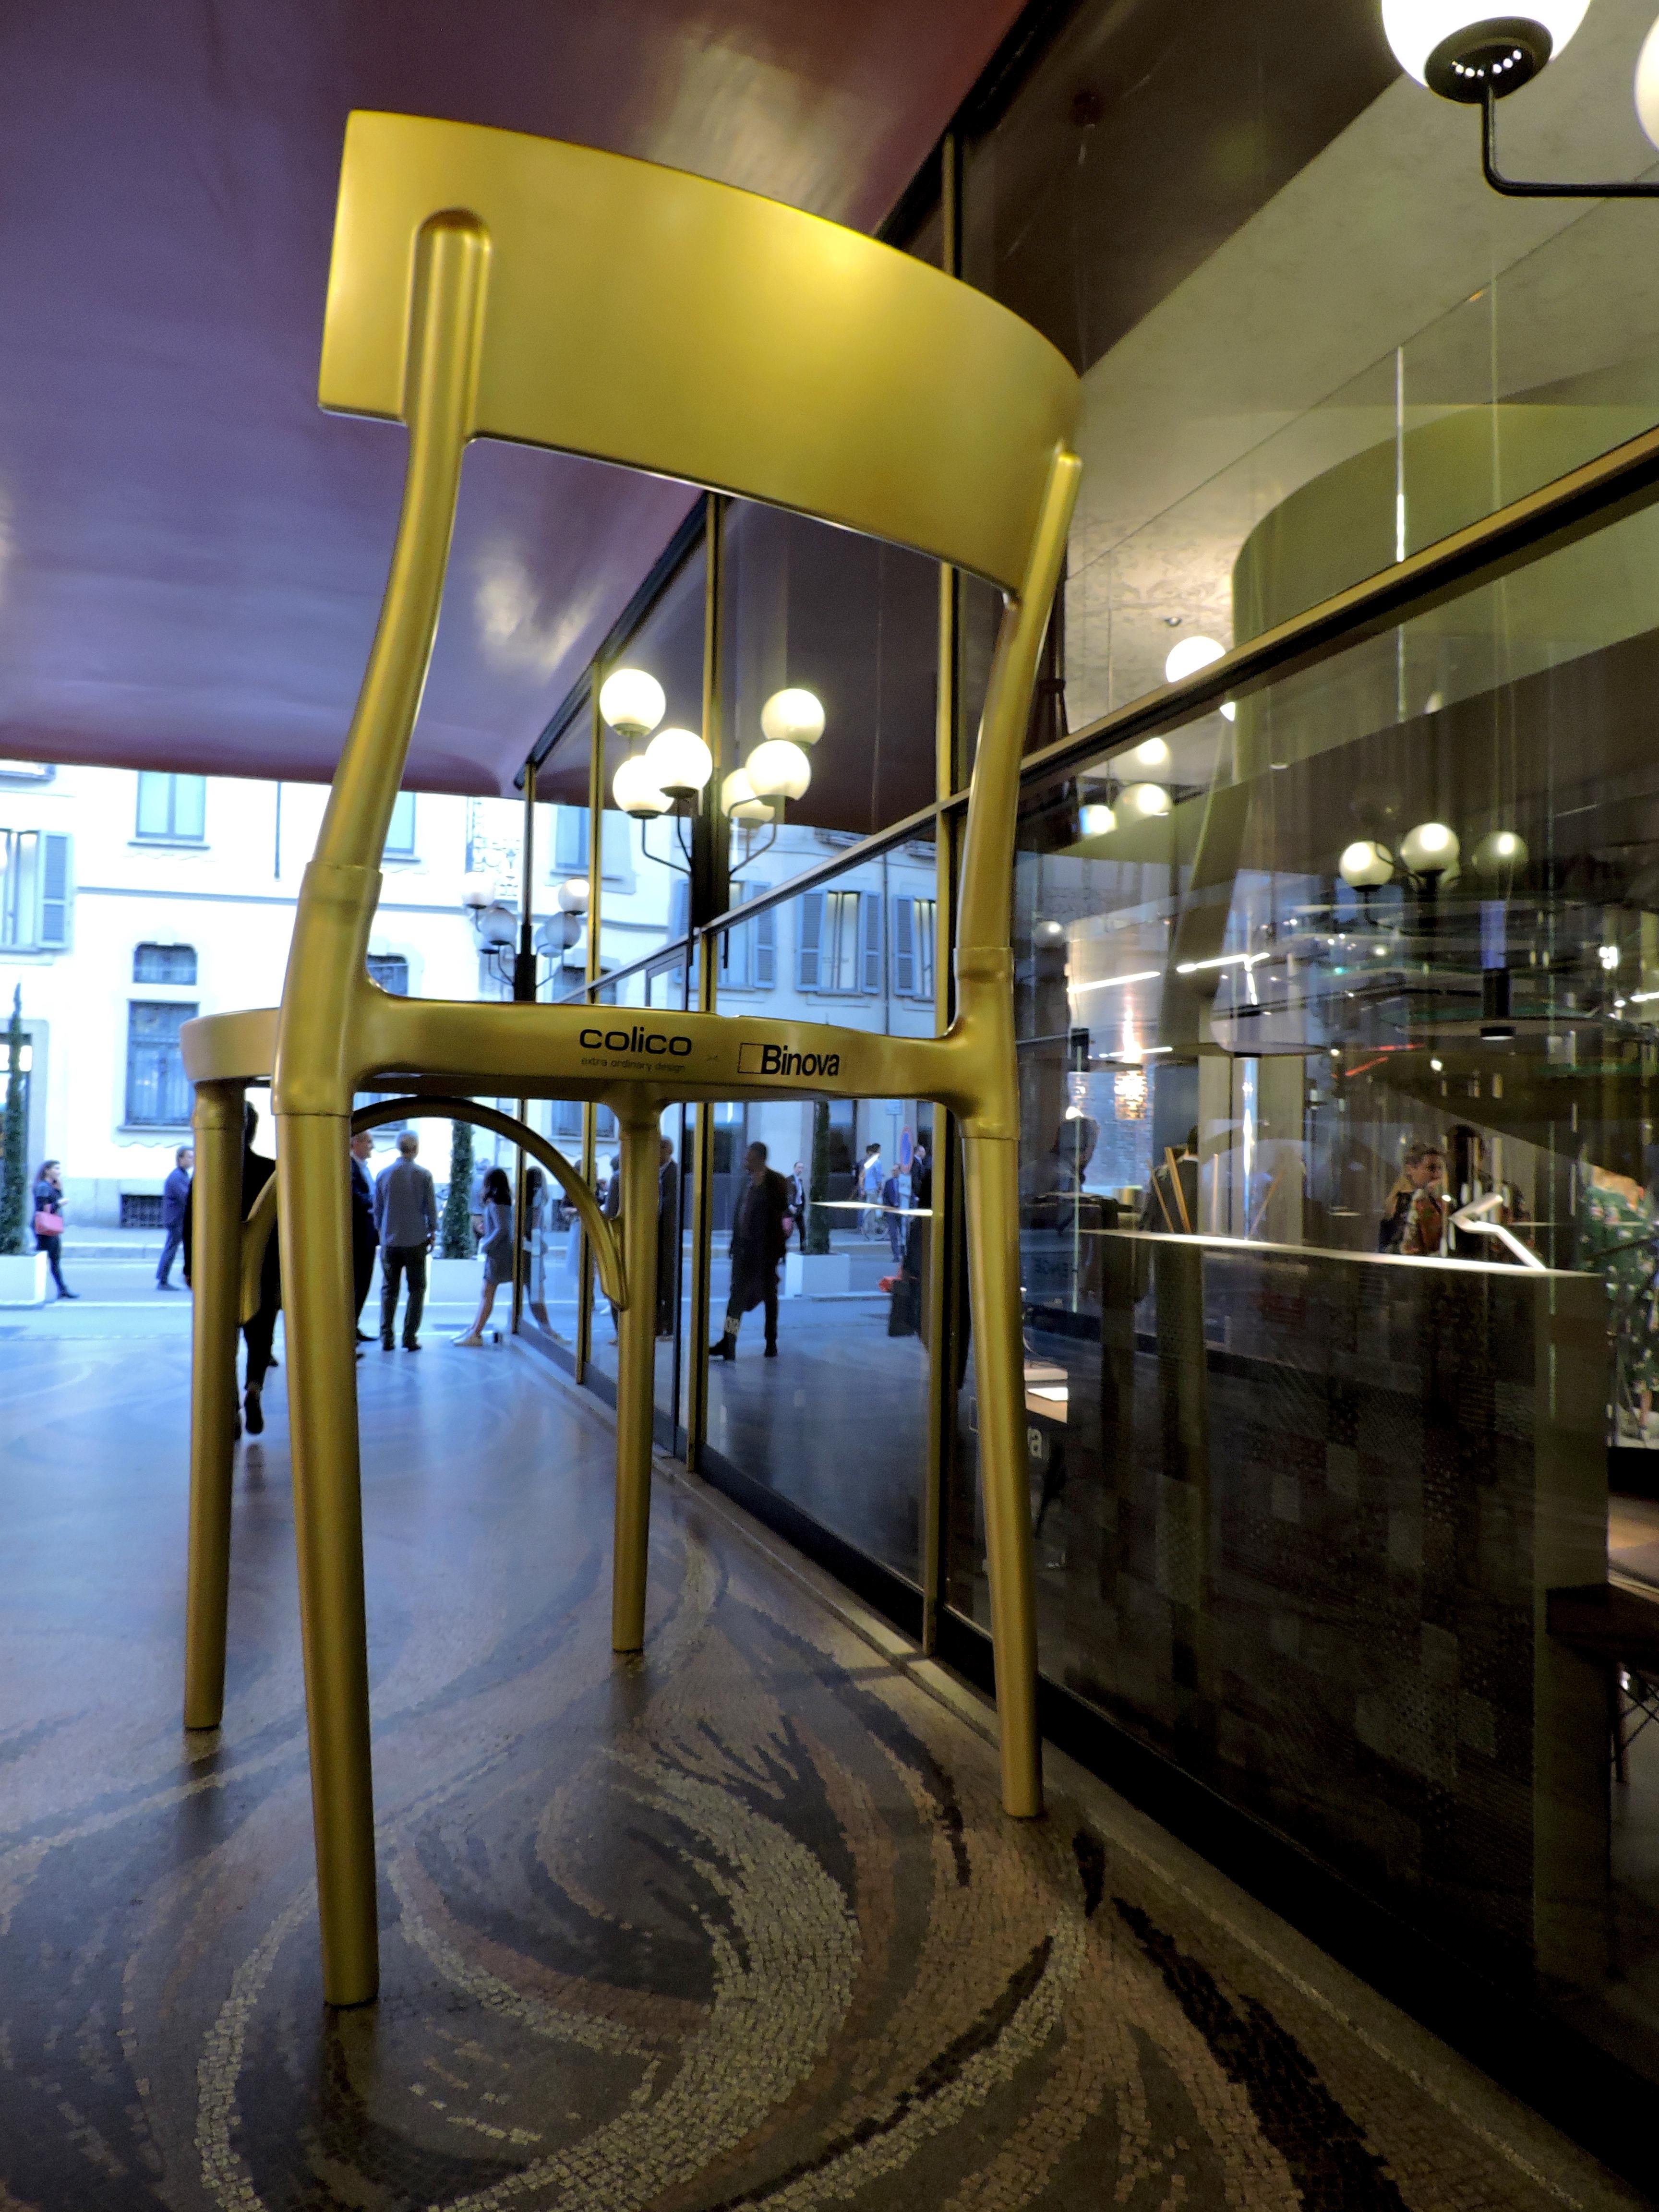 salone internazionale del mobile 2018 - binova milano via durini 06